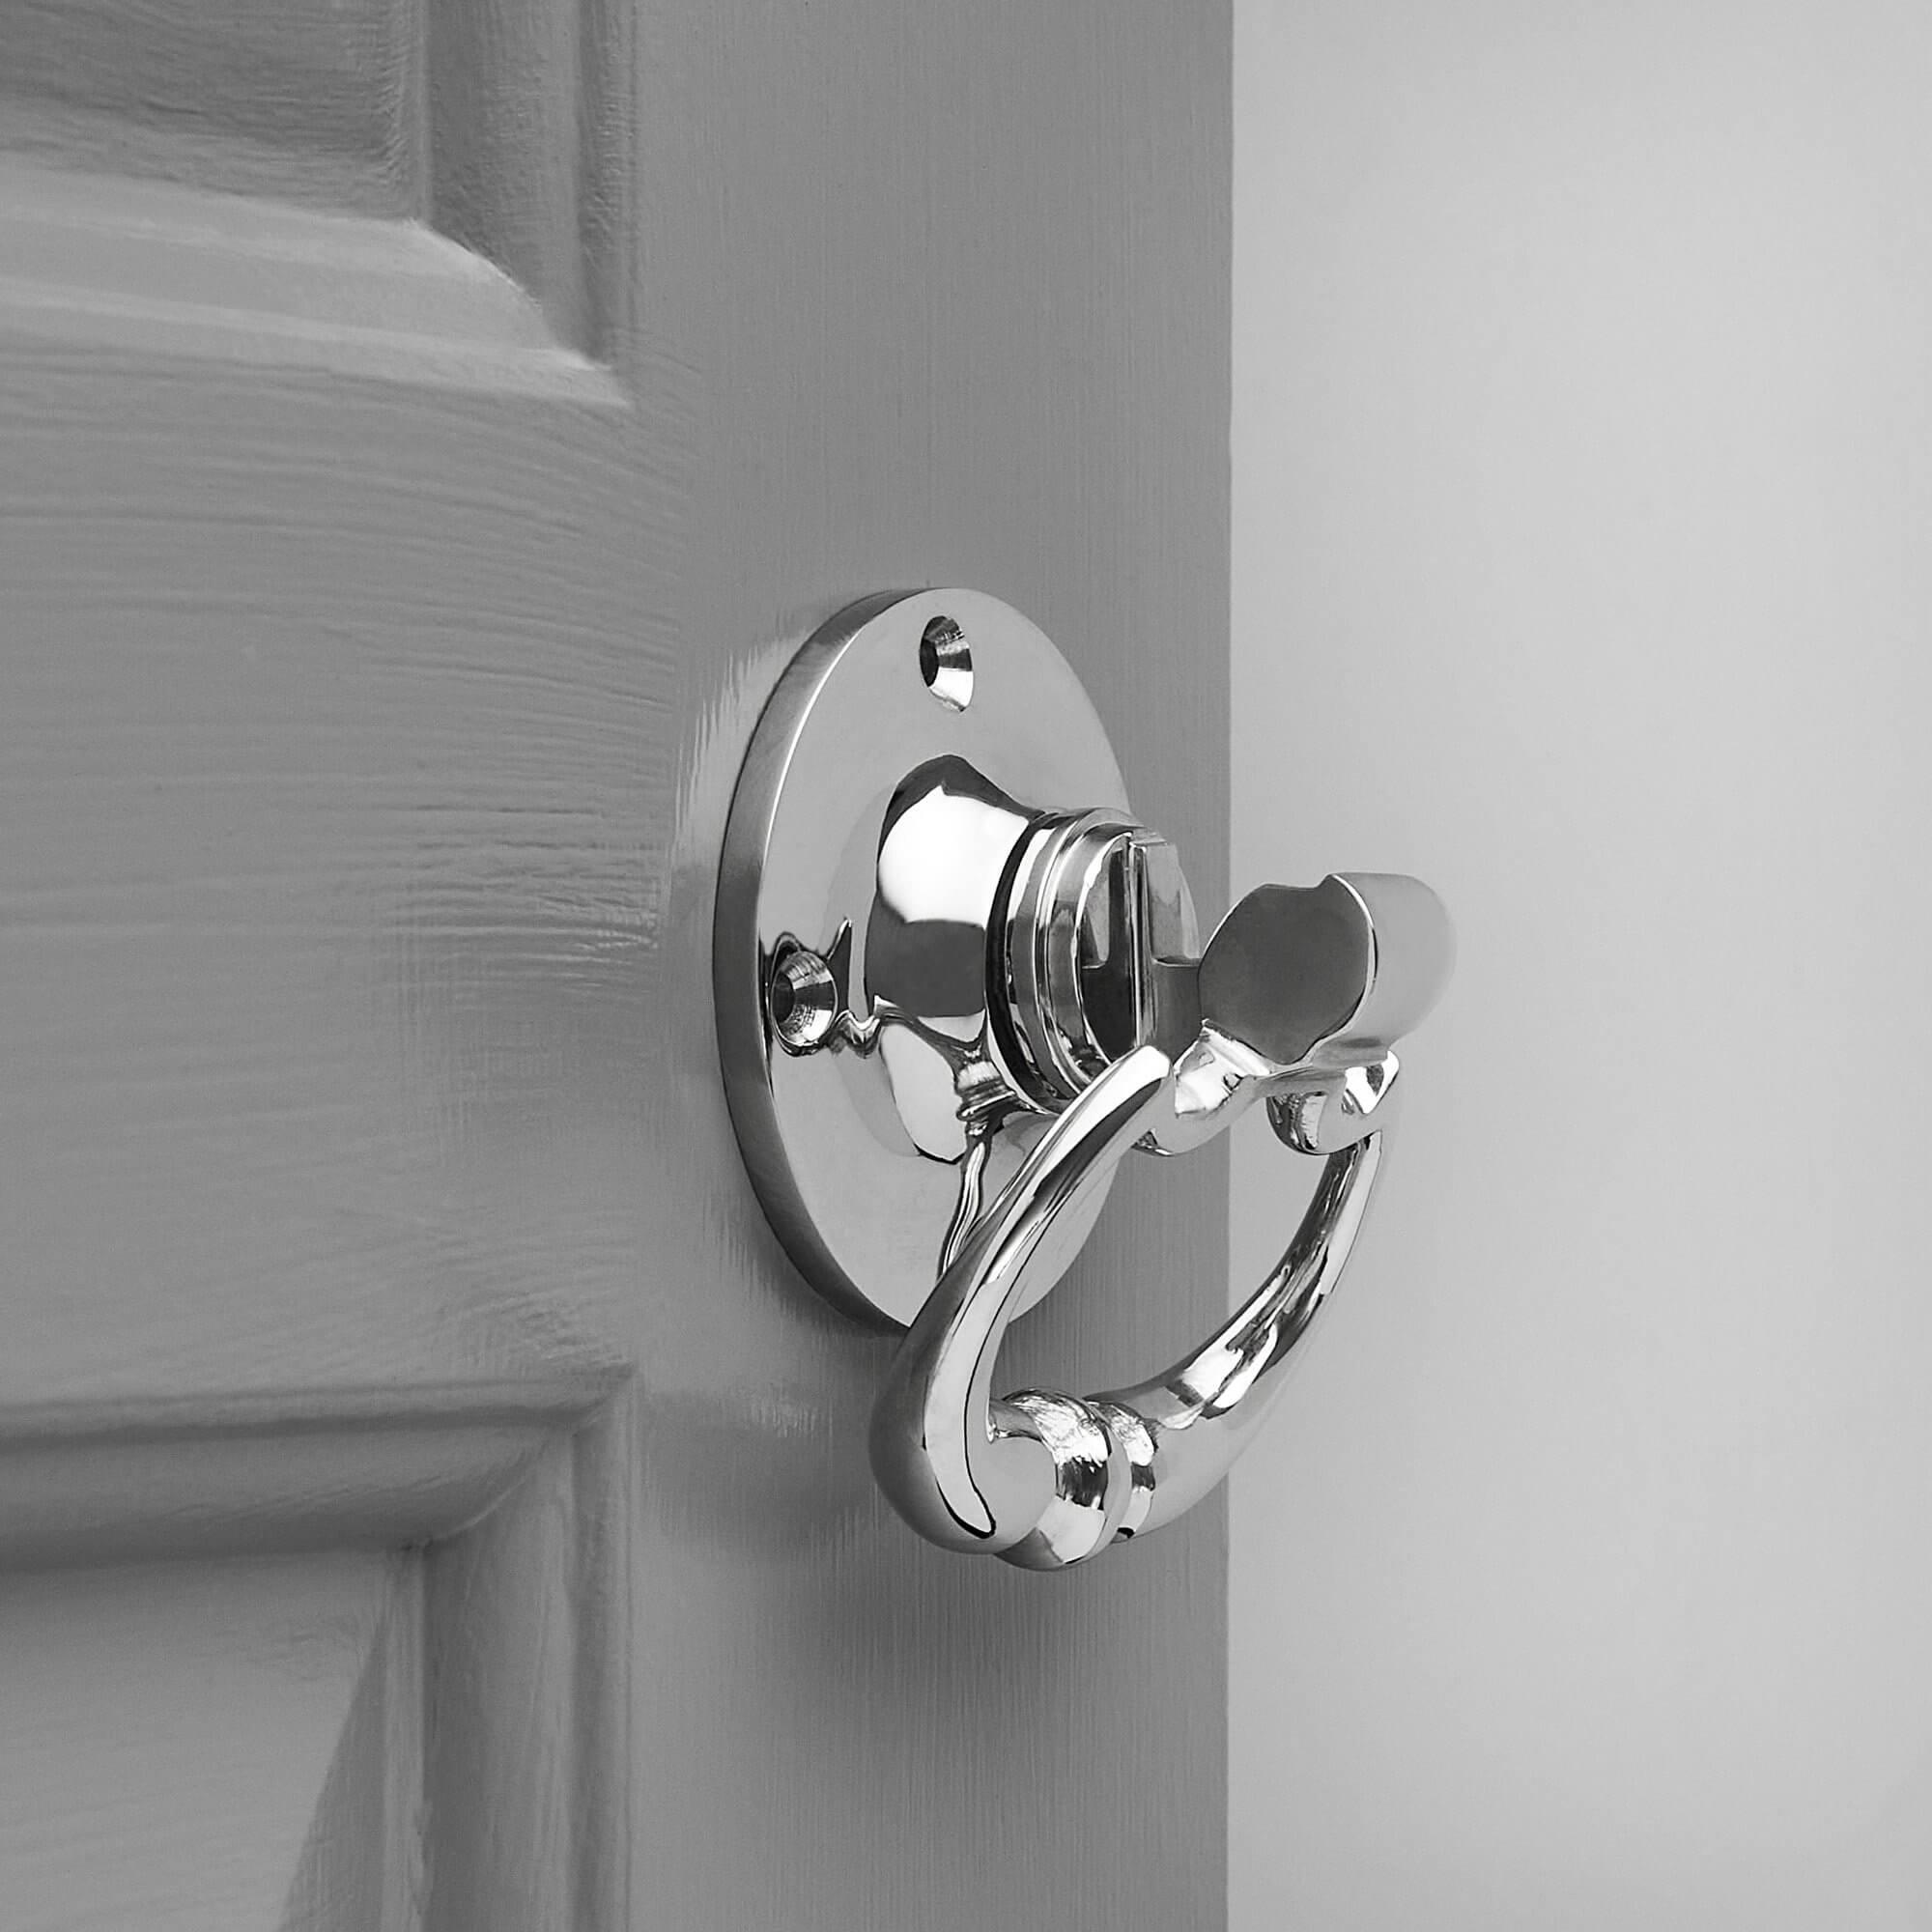 Dutch Drop Ring Door Handles (Pair) - Nickel